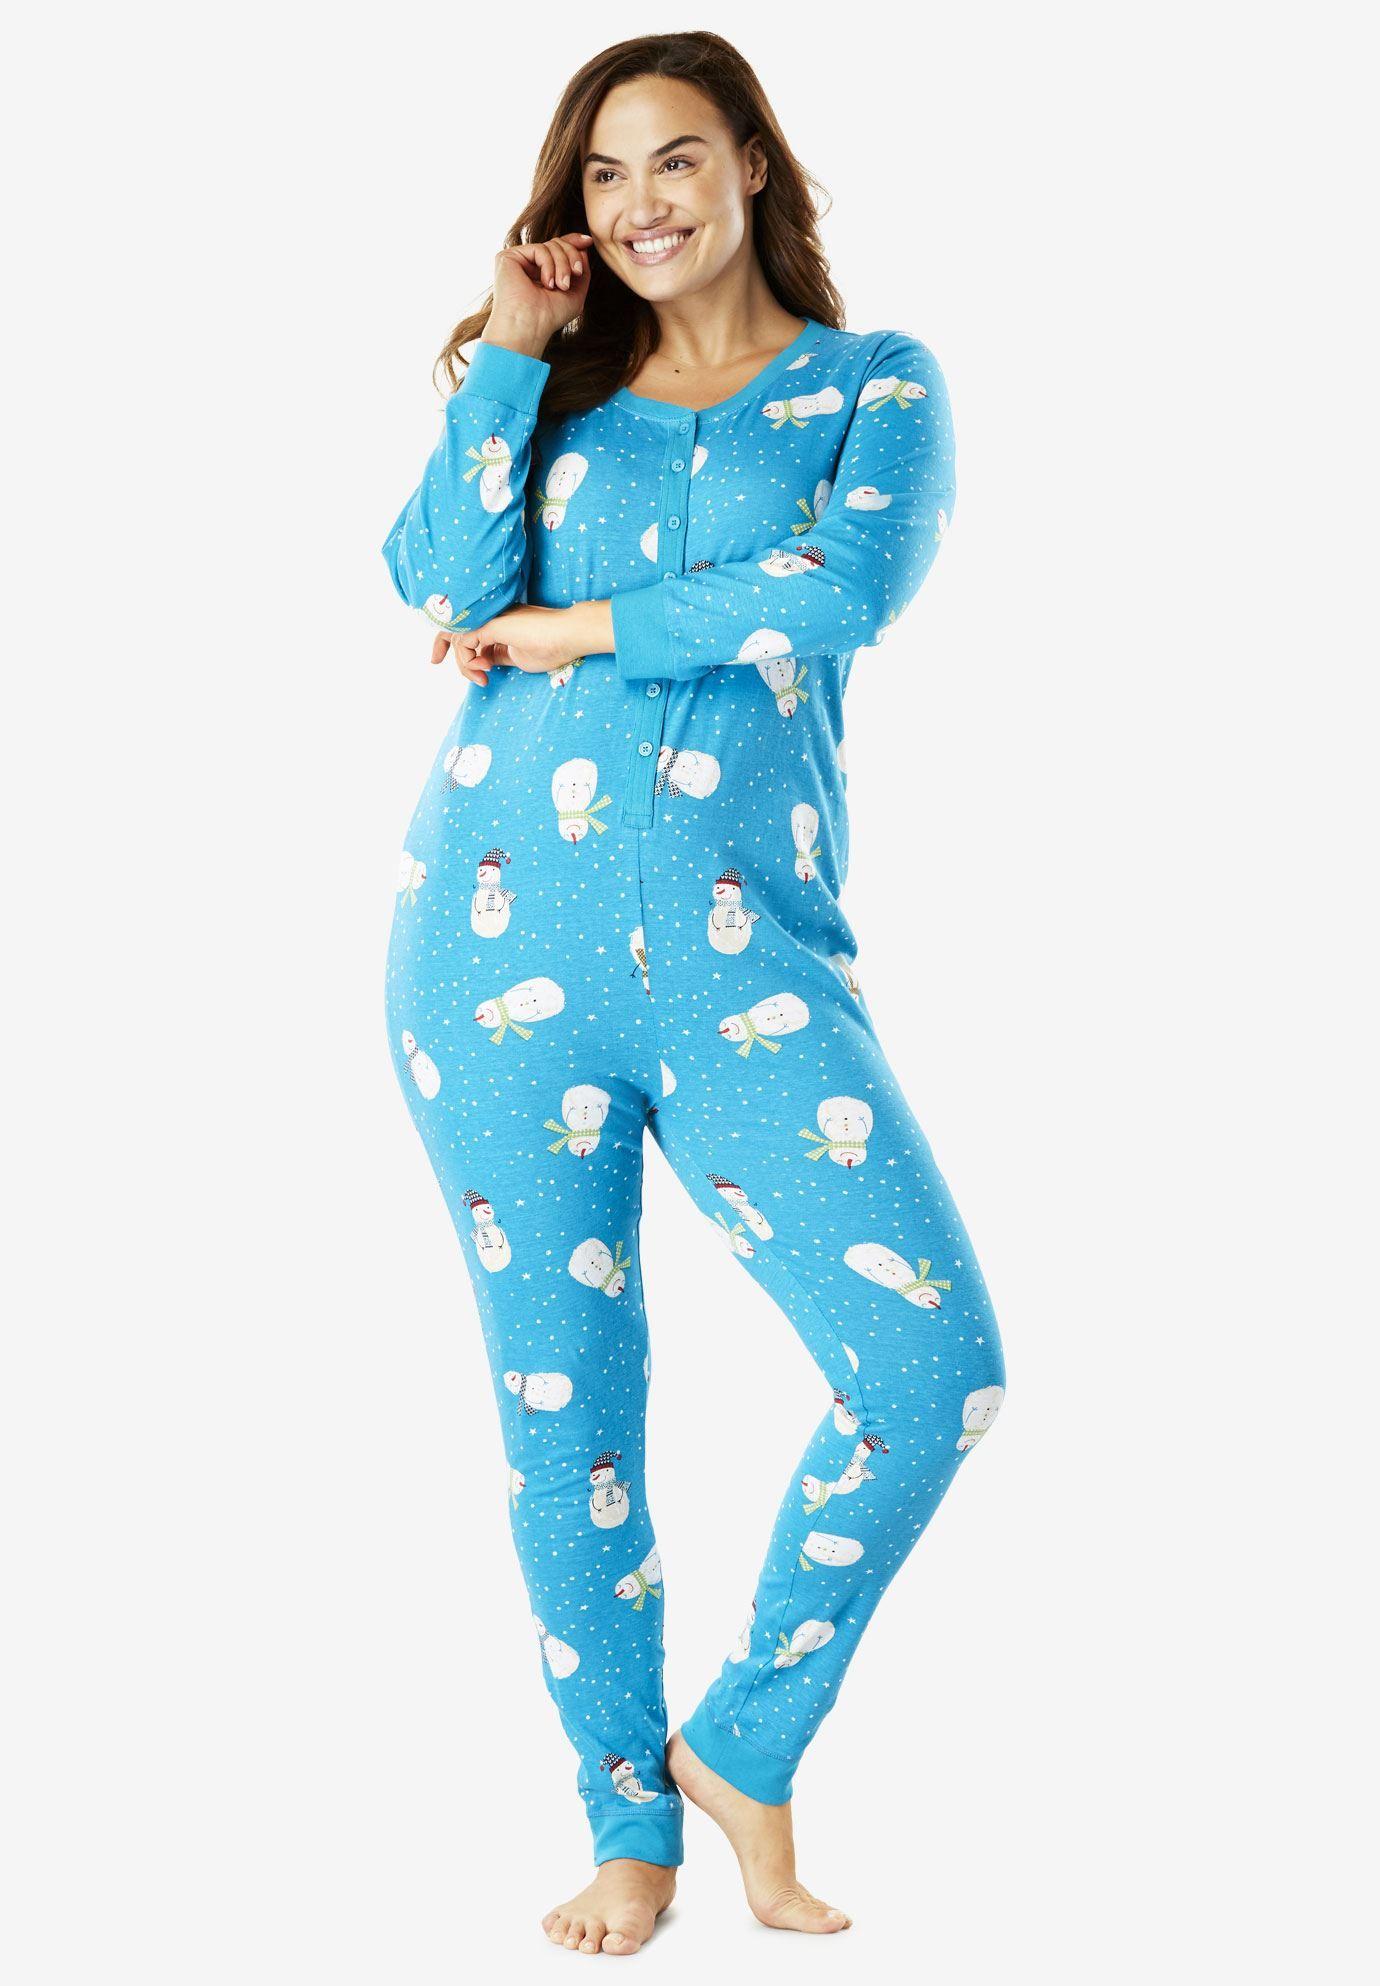 Striped Onesie Pajama by Dreams & Co.® Onesie pajamas